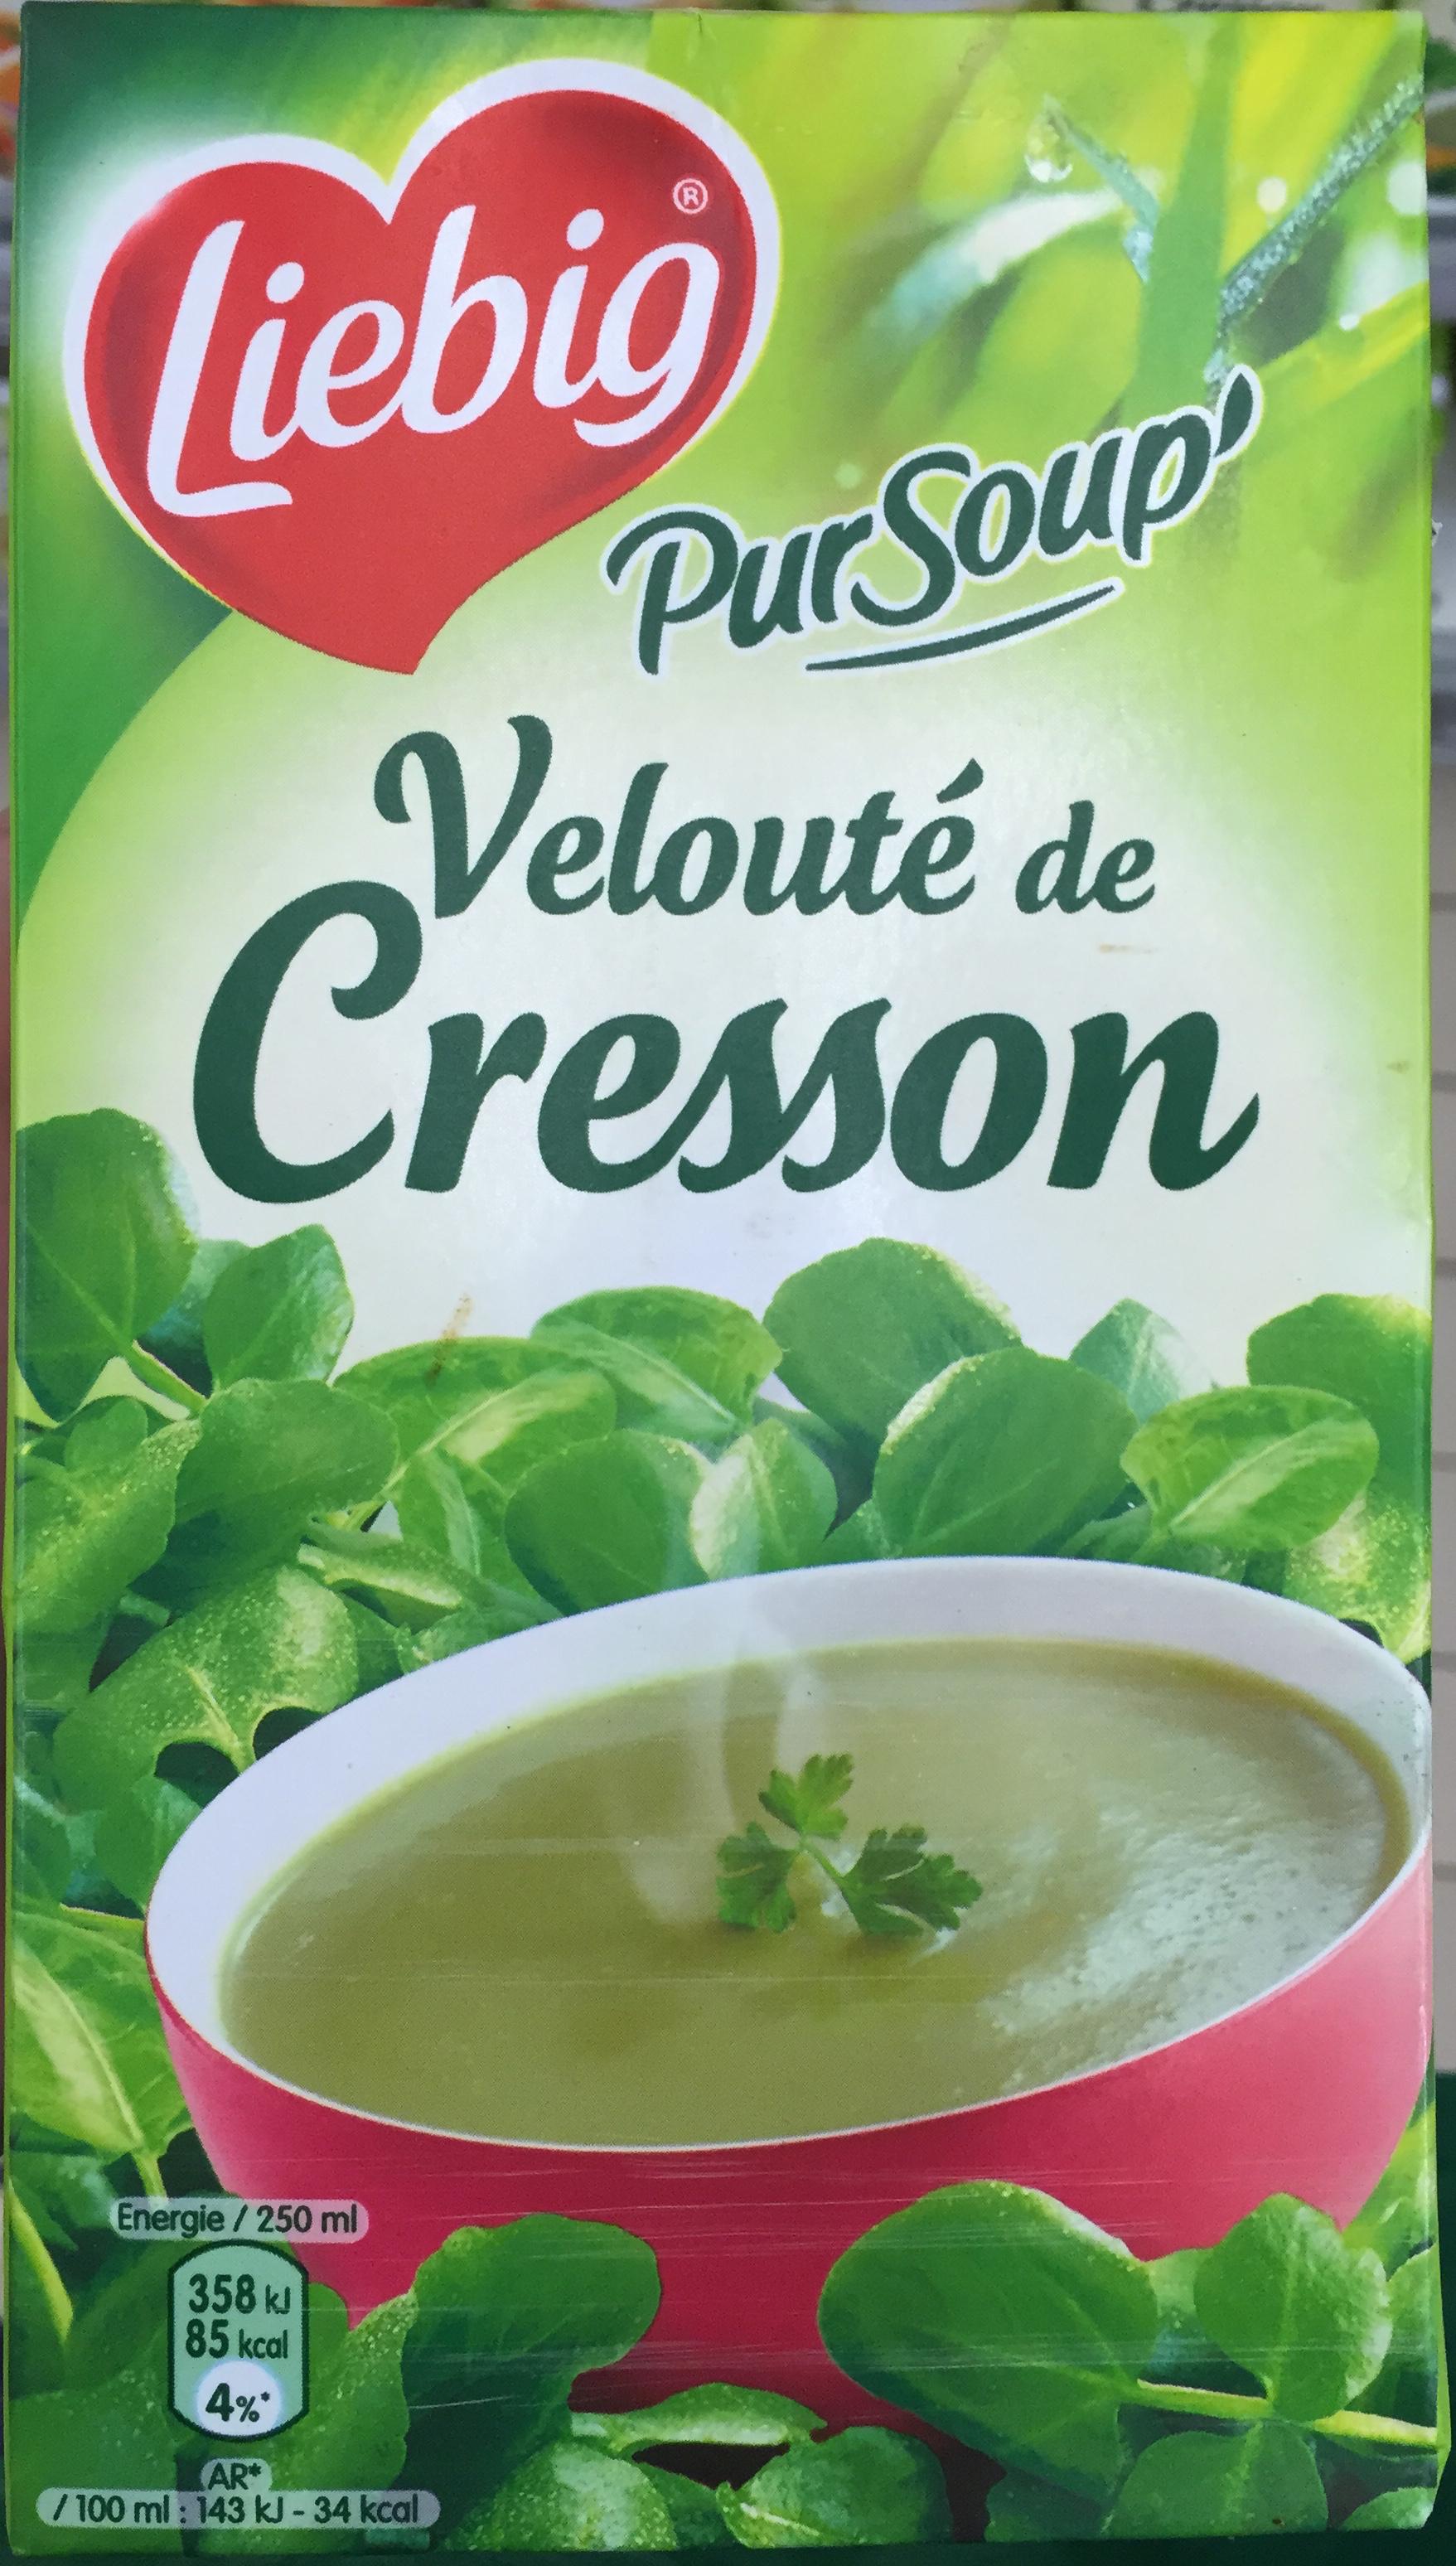 PurSoup' Velouté de cresson - 产品 - fr